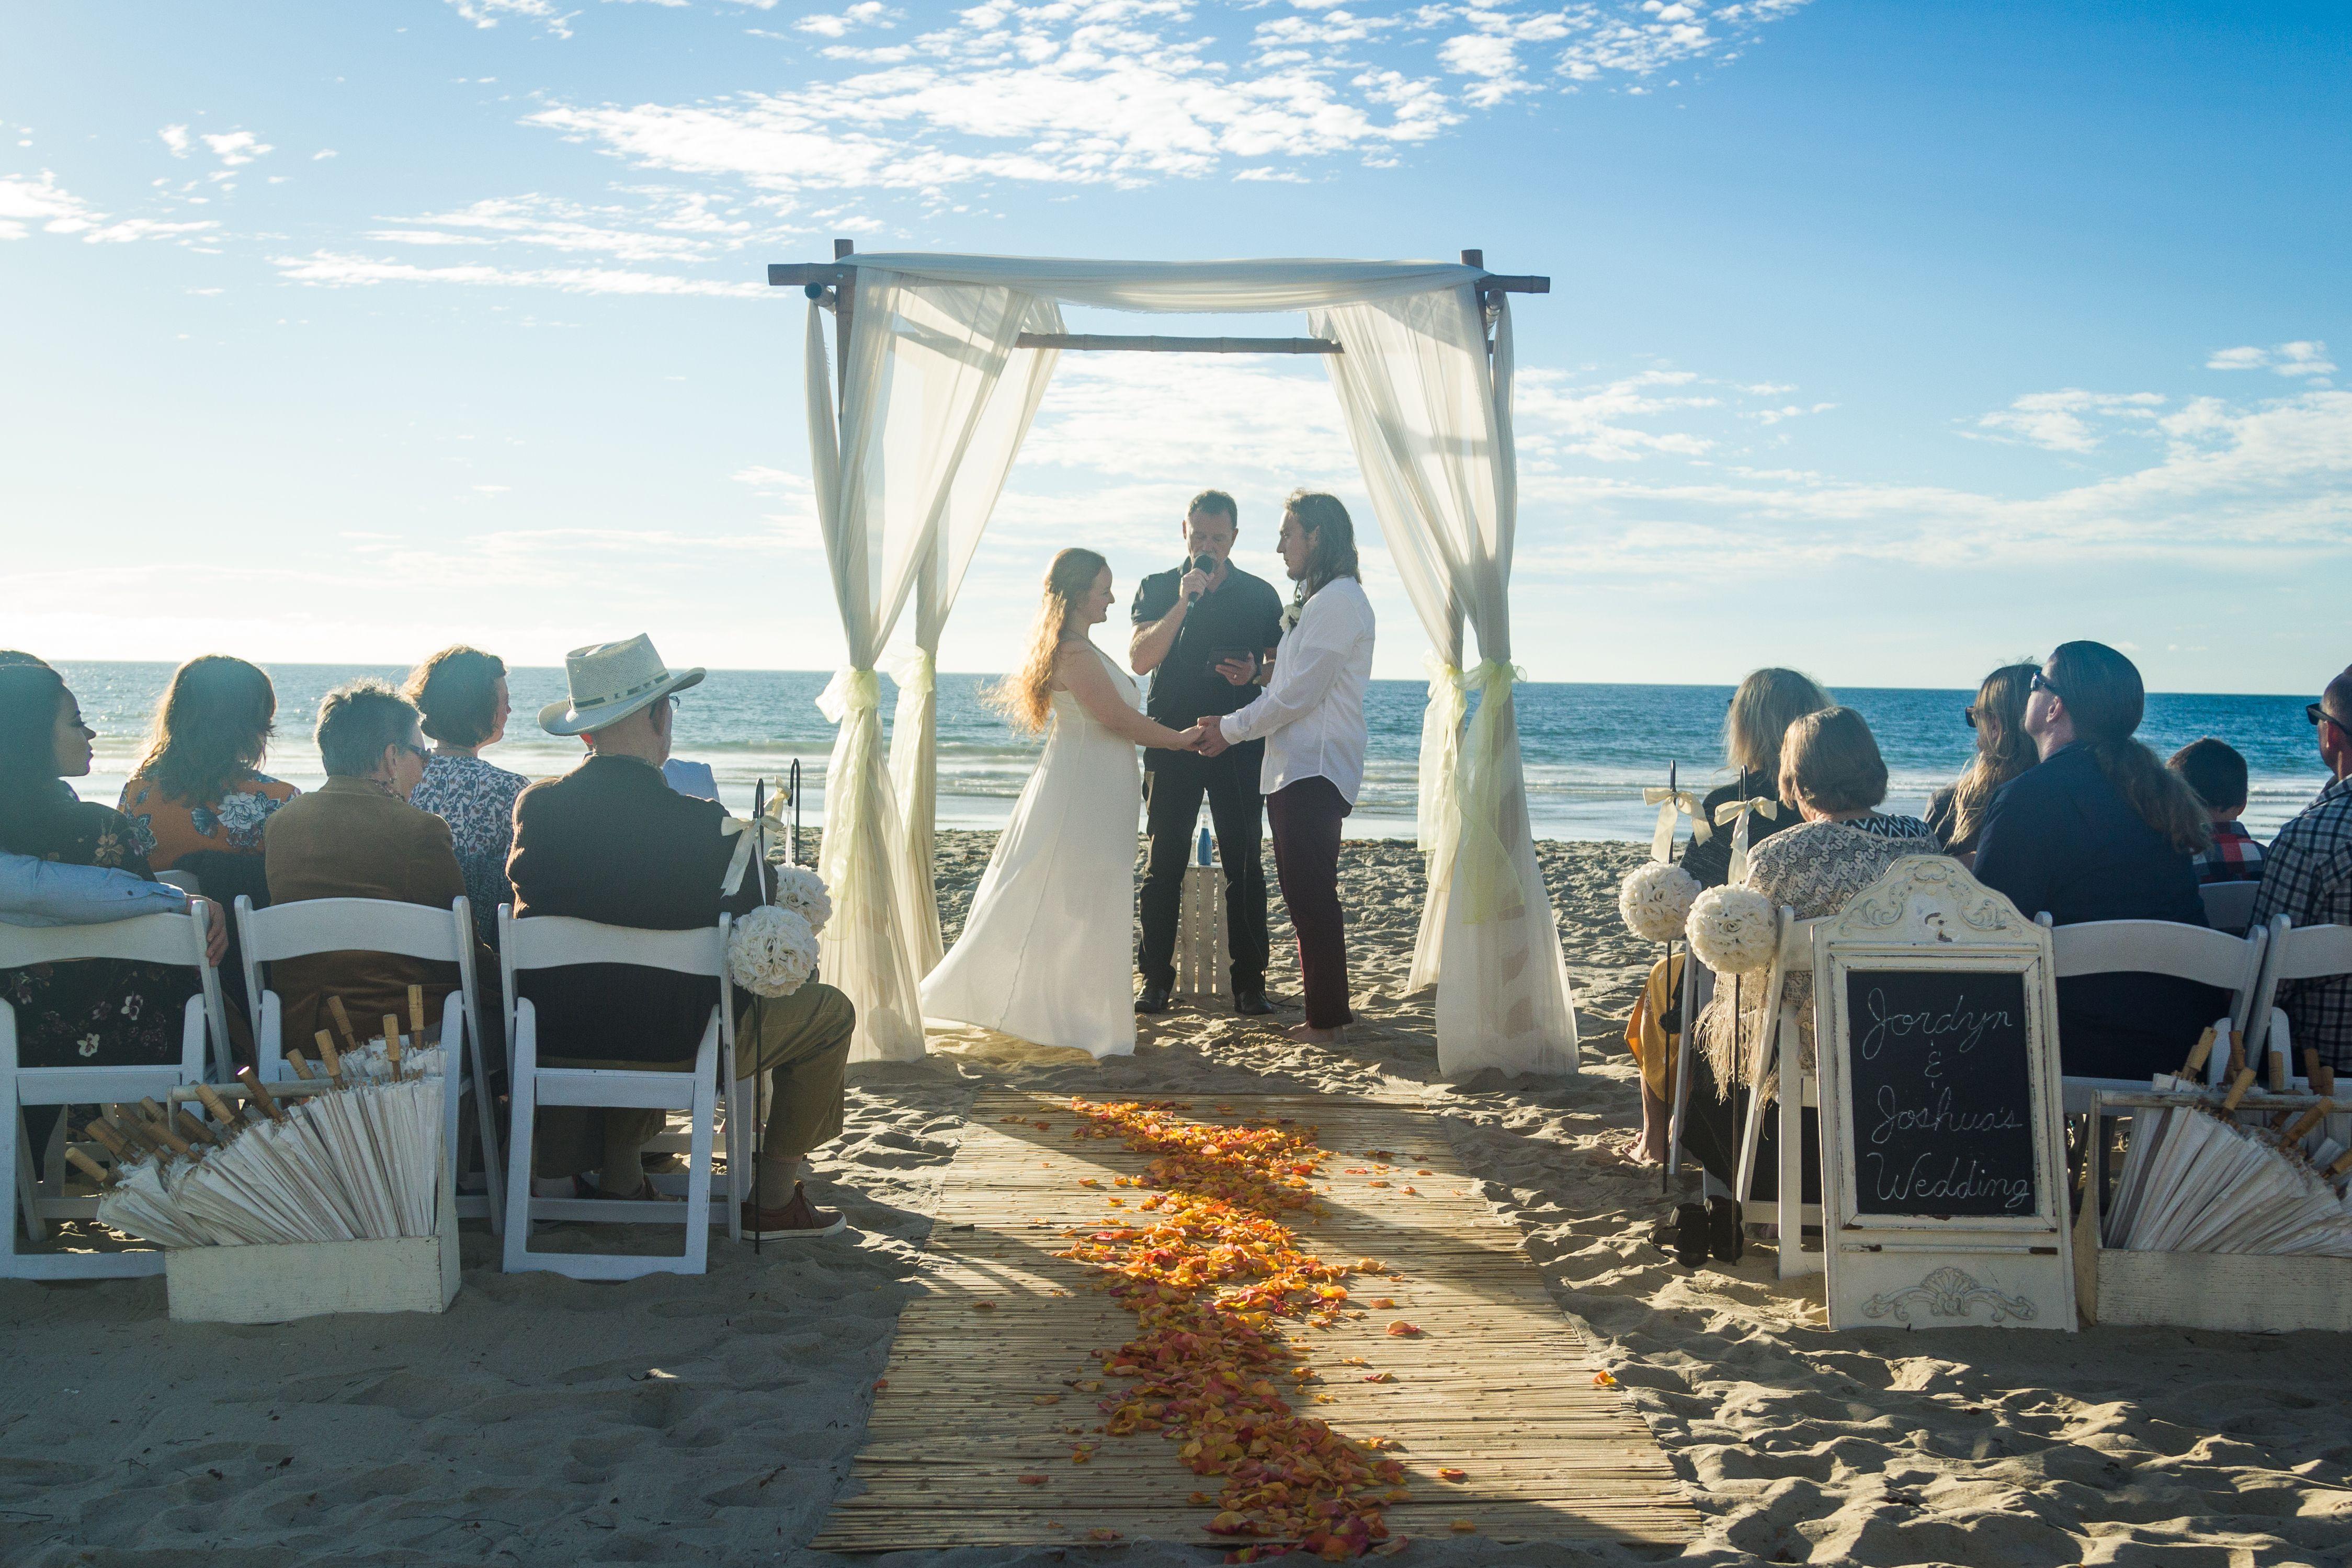 Mission Beach San Diego Dream Beach Wedding San Diego Wedding Locations Beach Wedding Packages